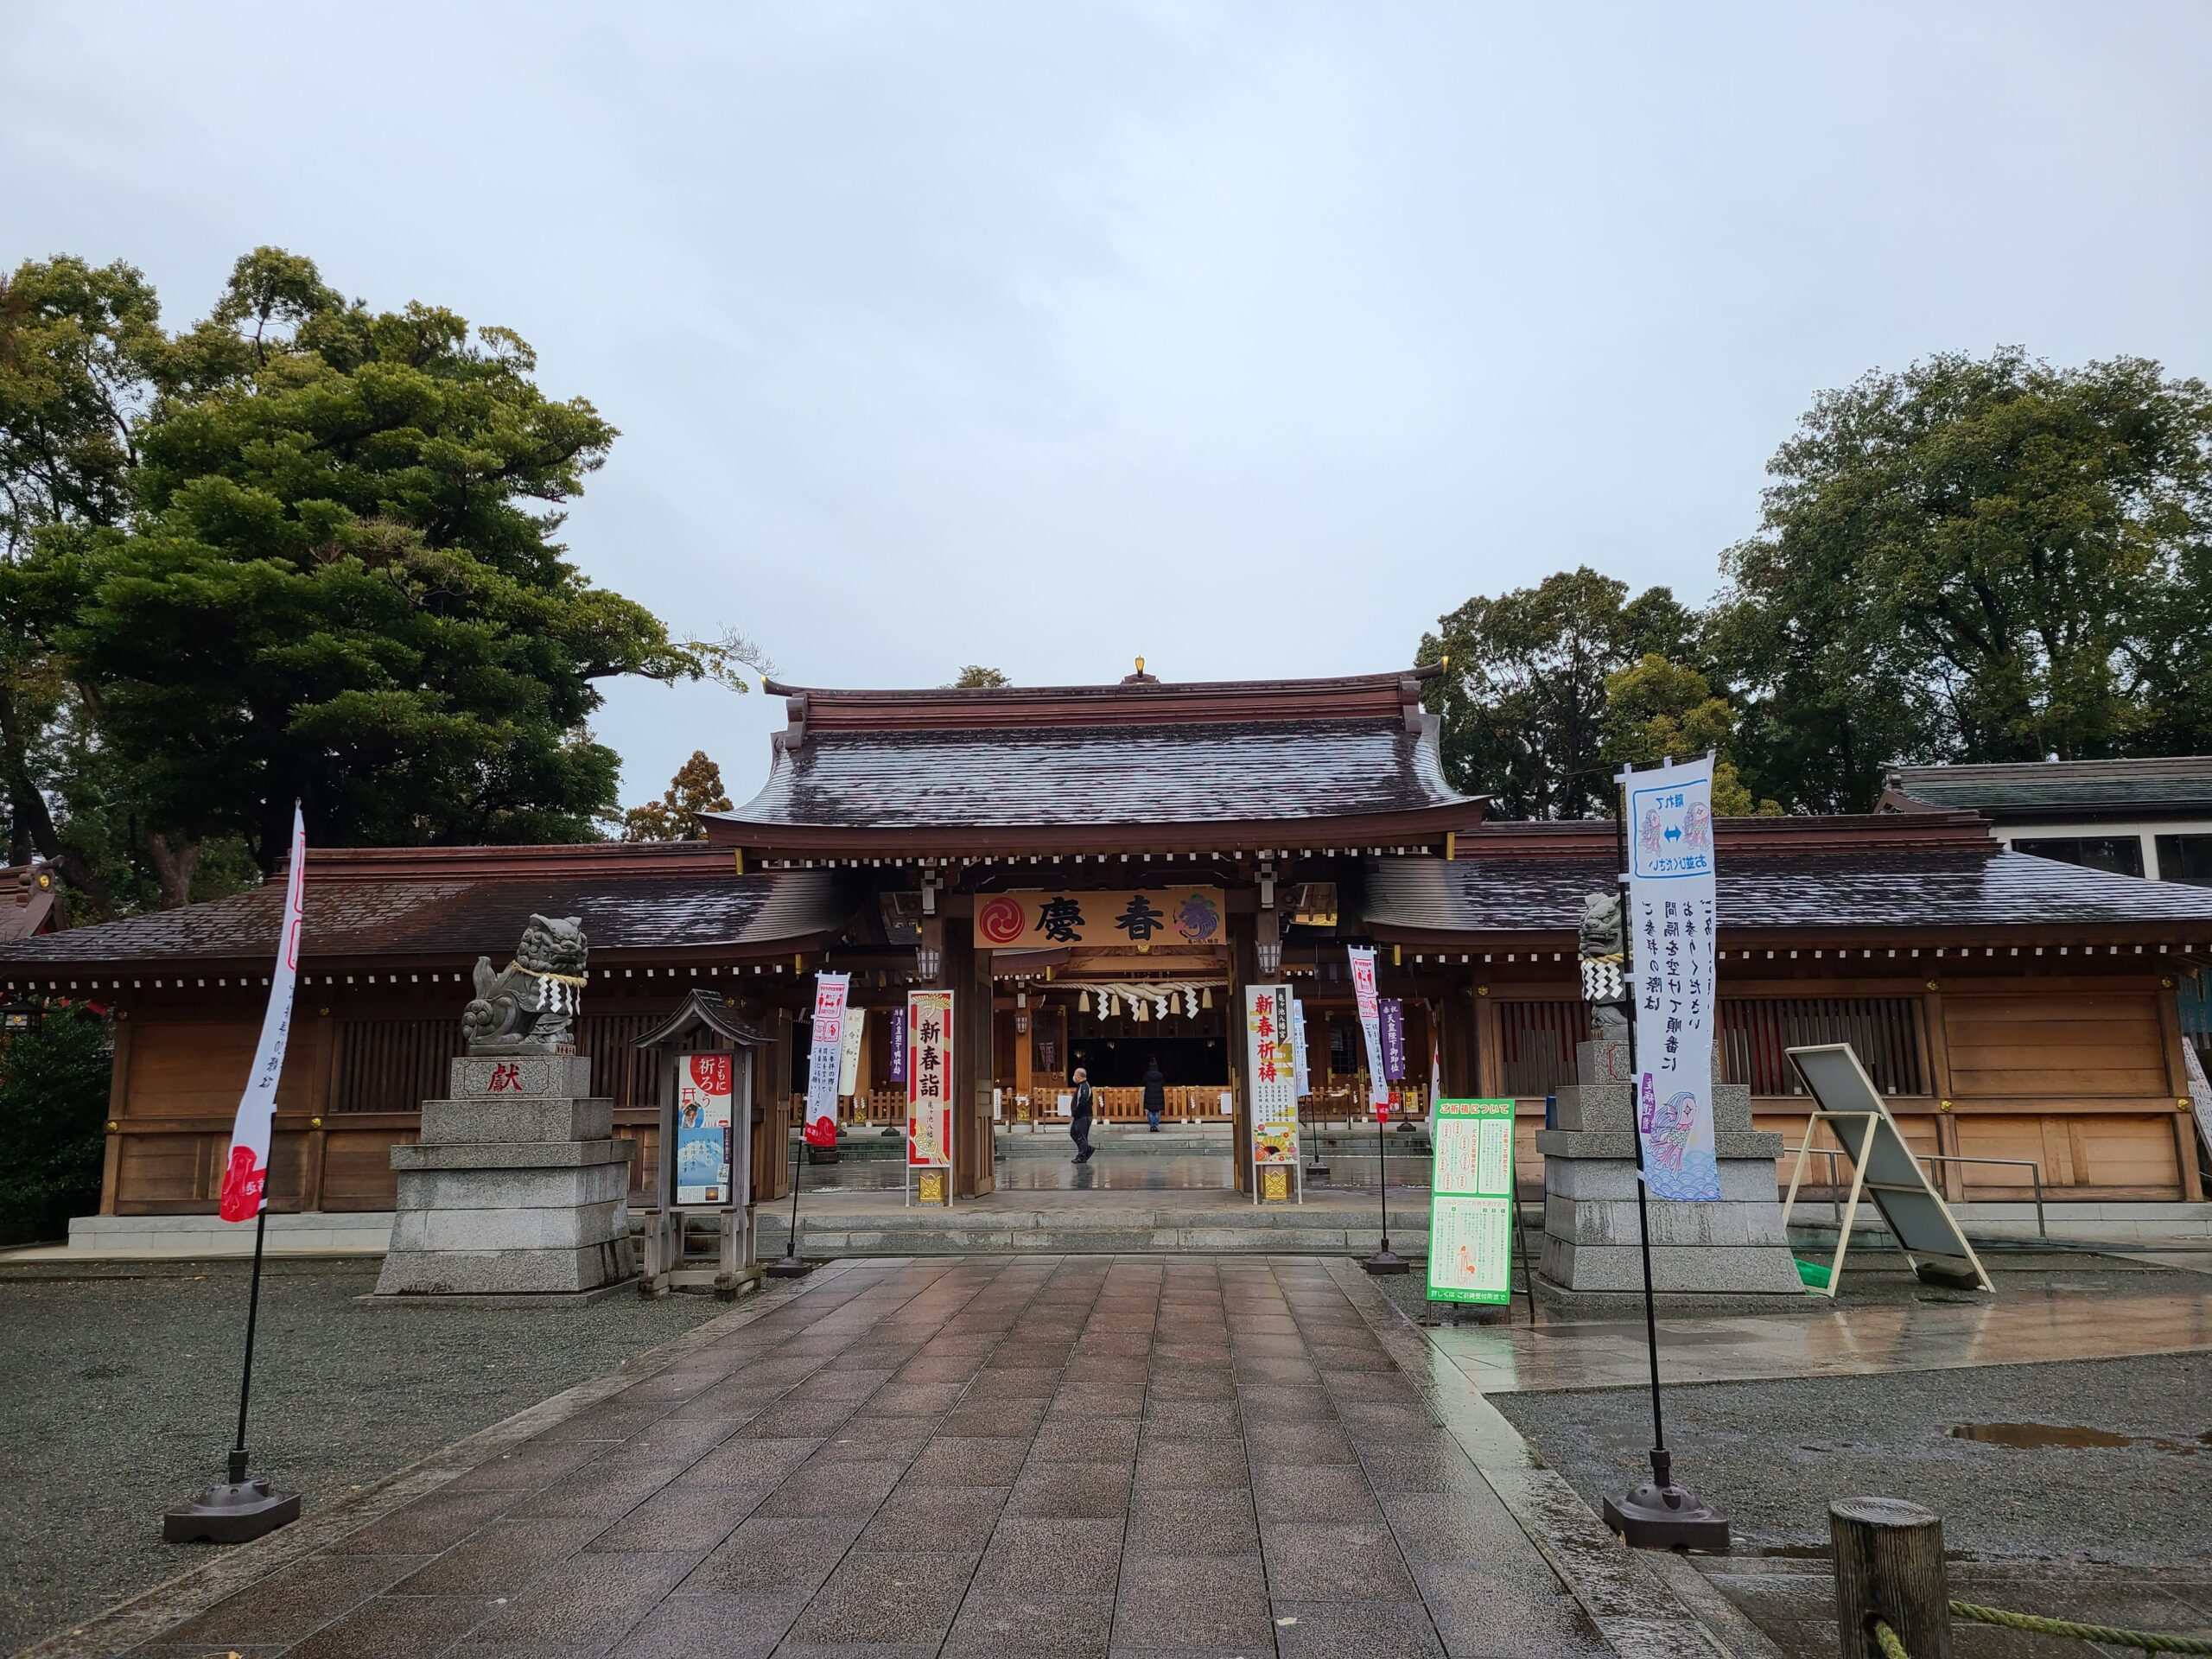 雨で静まる亀ヶ池八幡宮の投稿写真